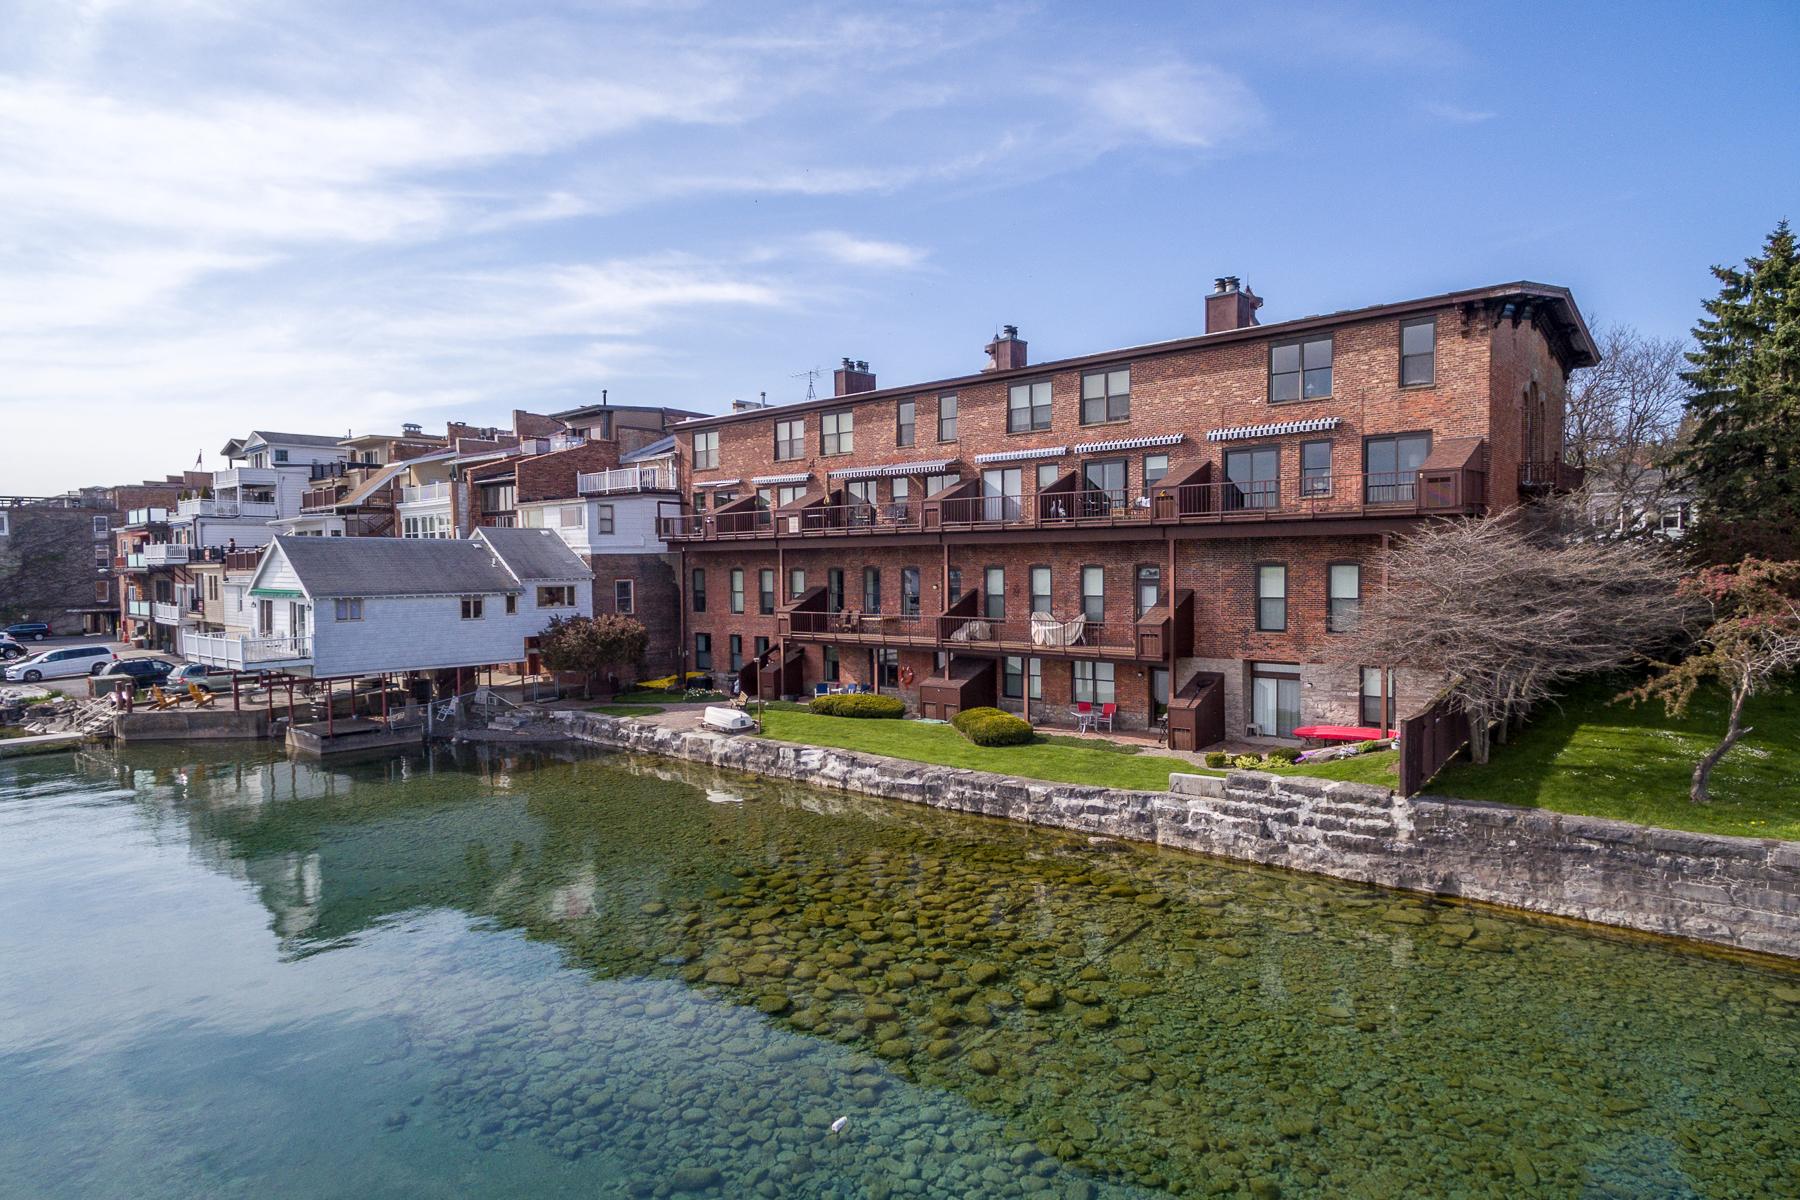 Частный односемейный дом для того Продажа на Waterfront Condo 84 E Genesee St Skaneateles, 13152 Соединенные Штаты